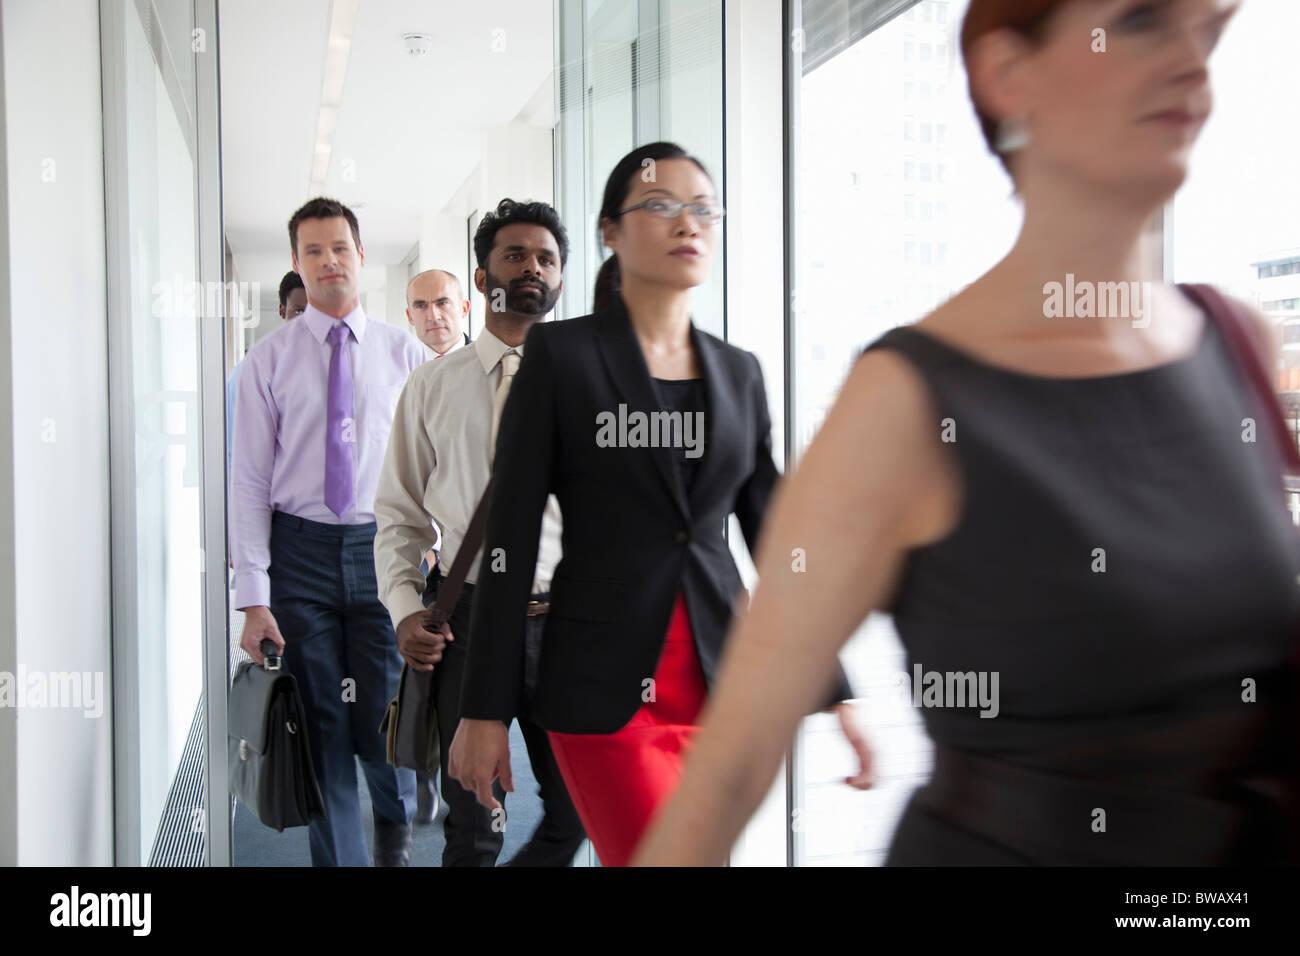 La gente di affari impetuoso passato fotocamera Immagini Stock